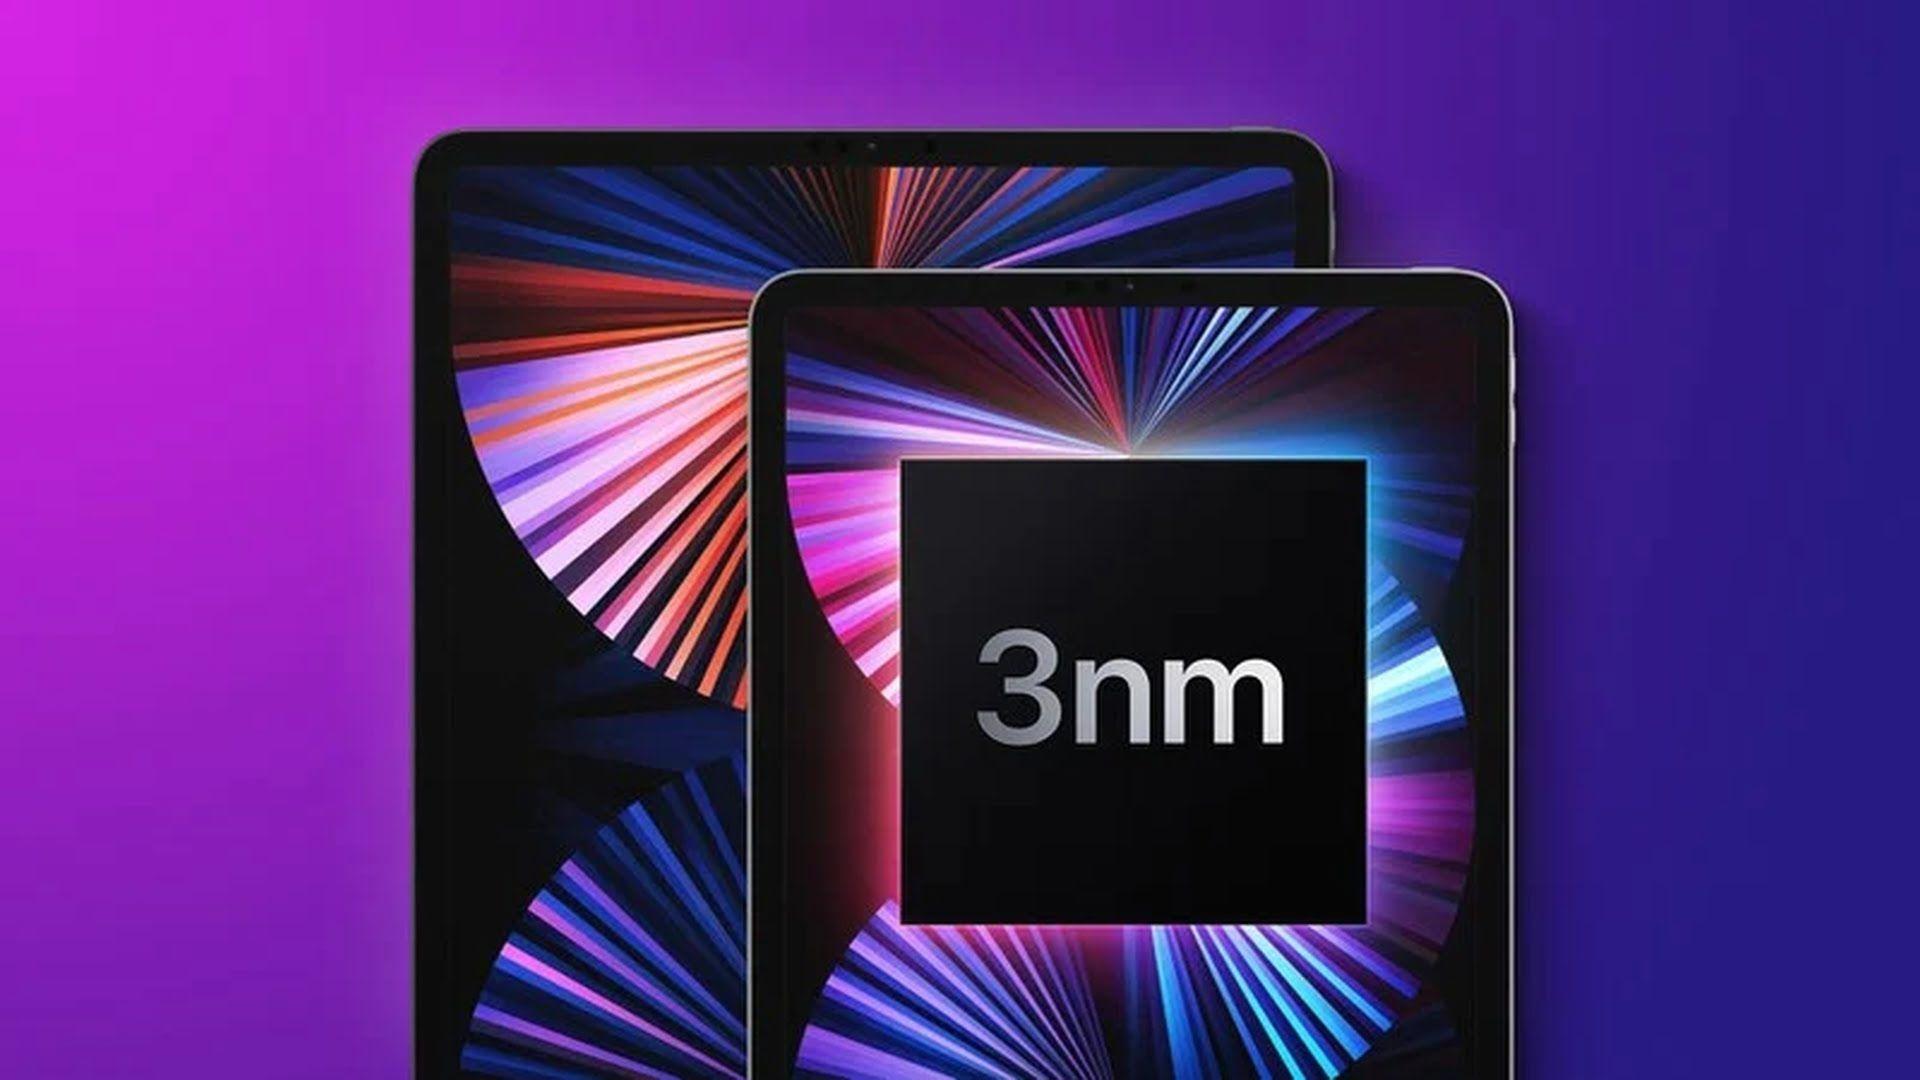 Informacje o przyszłych procesorach do iPadów Pro i iPhone'ów